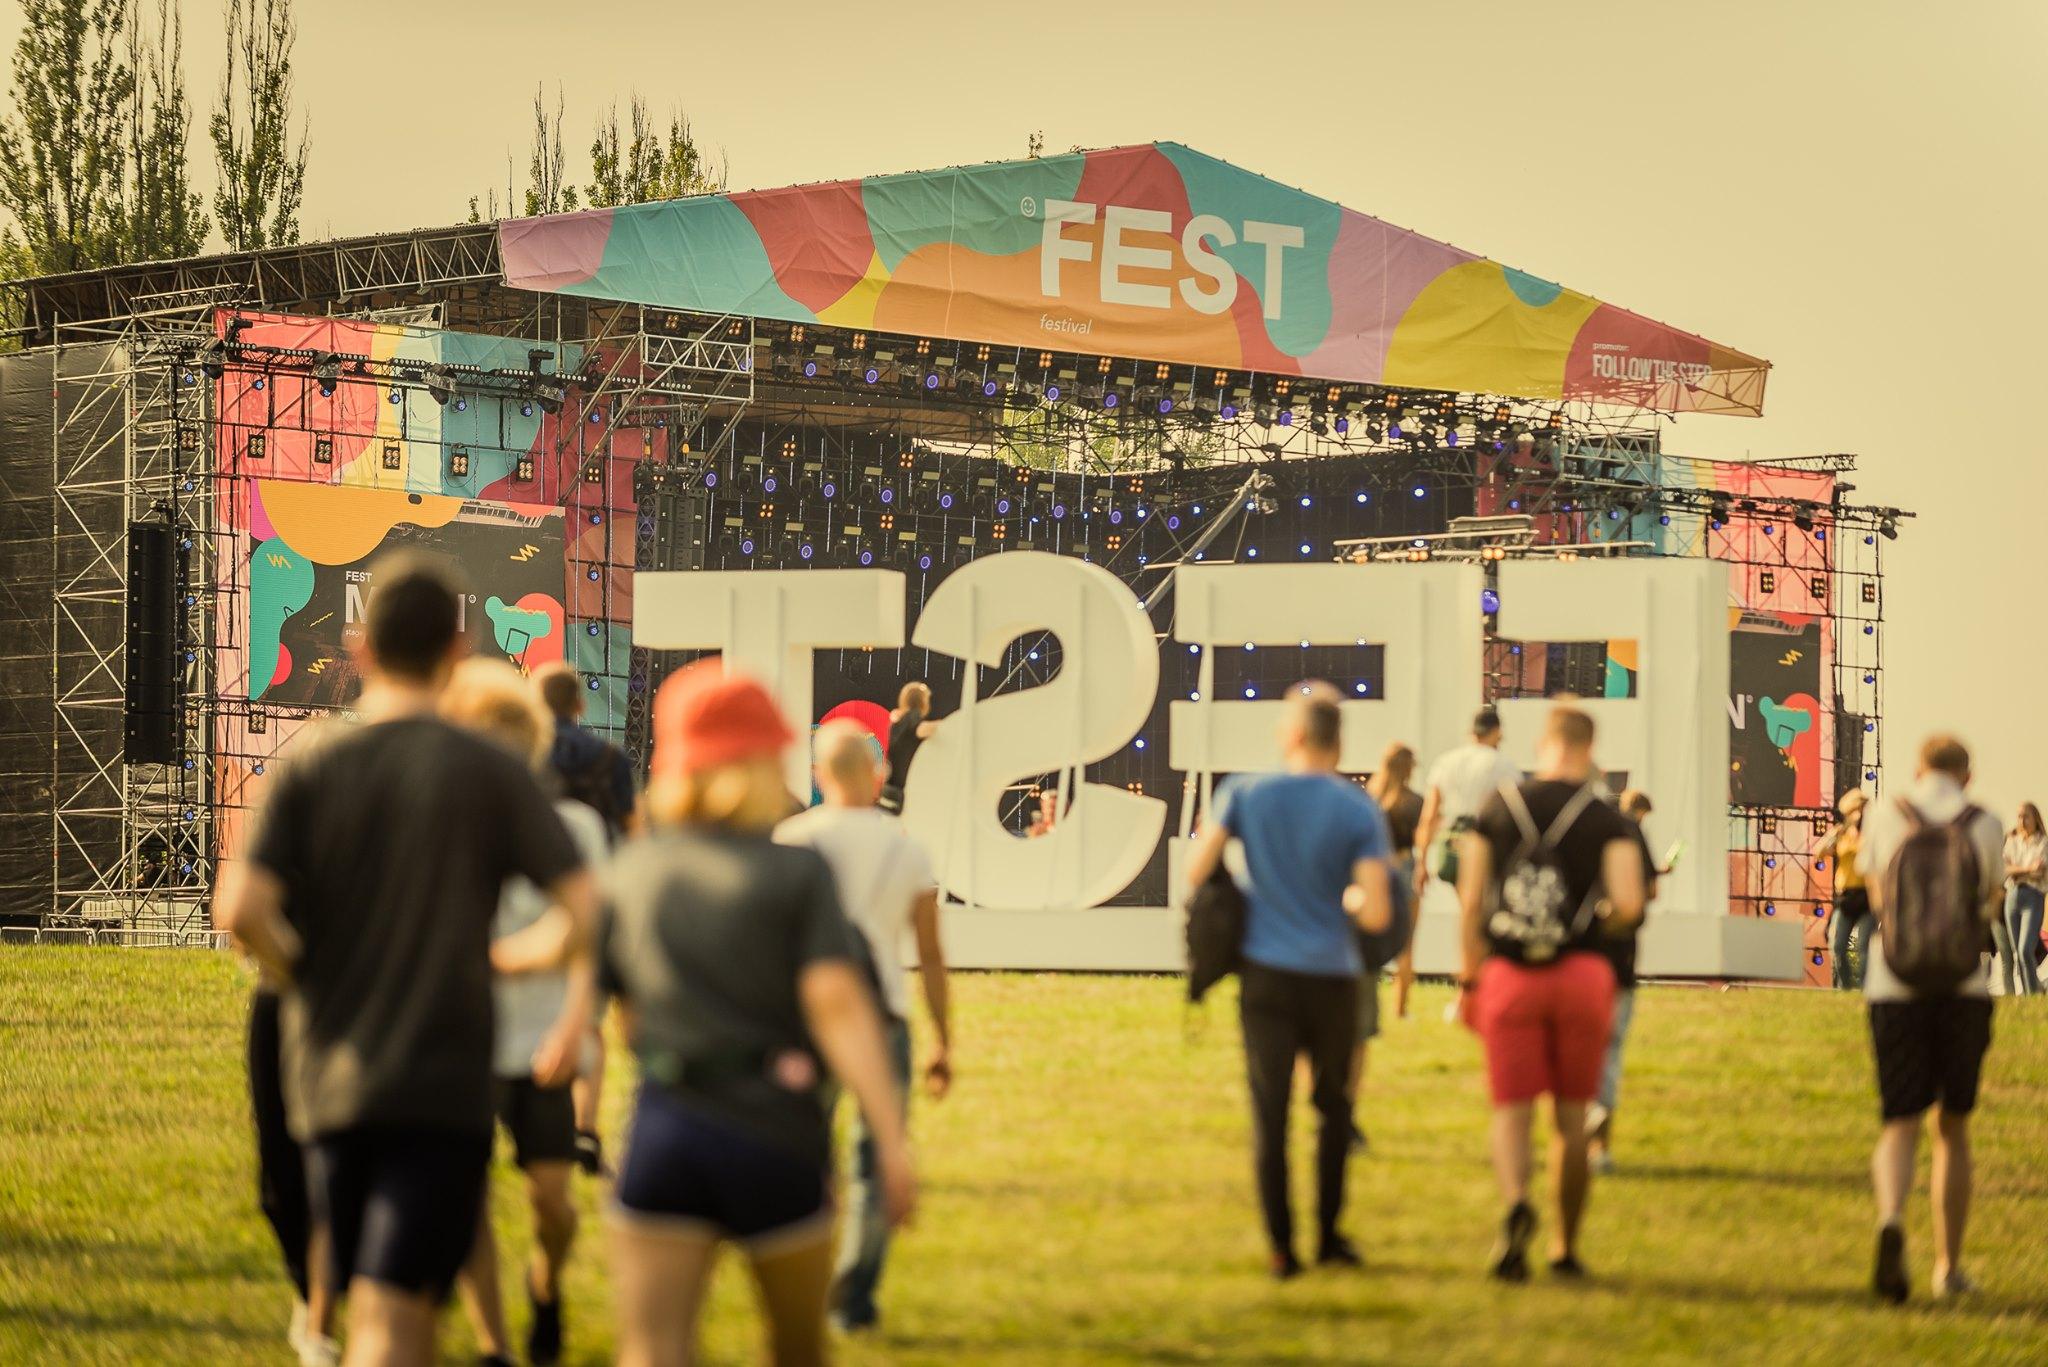 festfestival.jpg